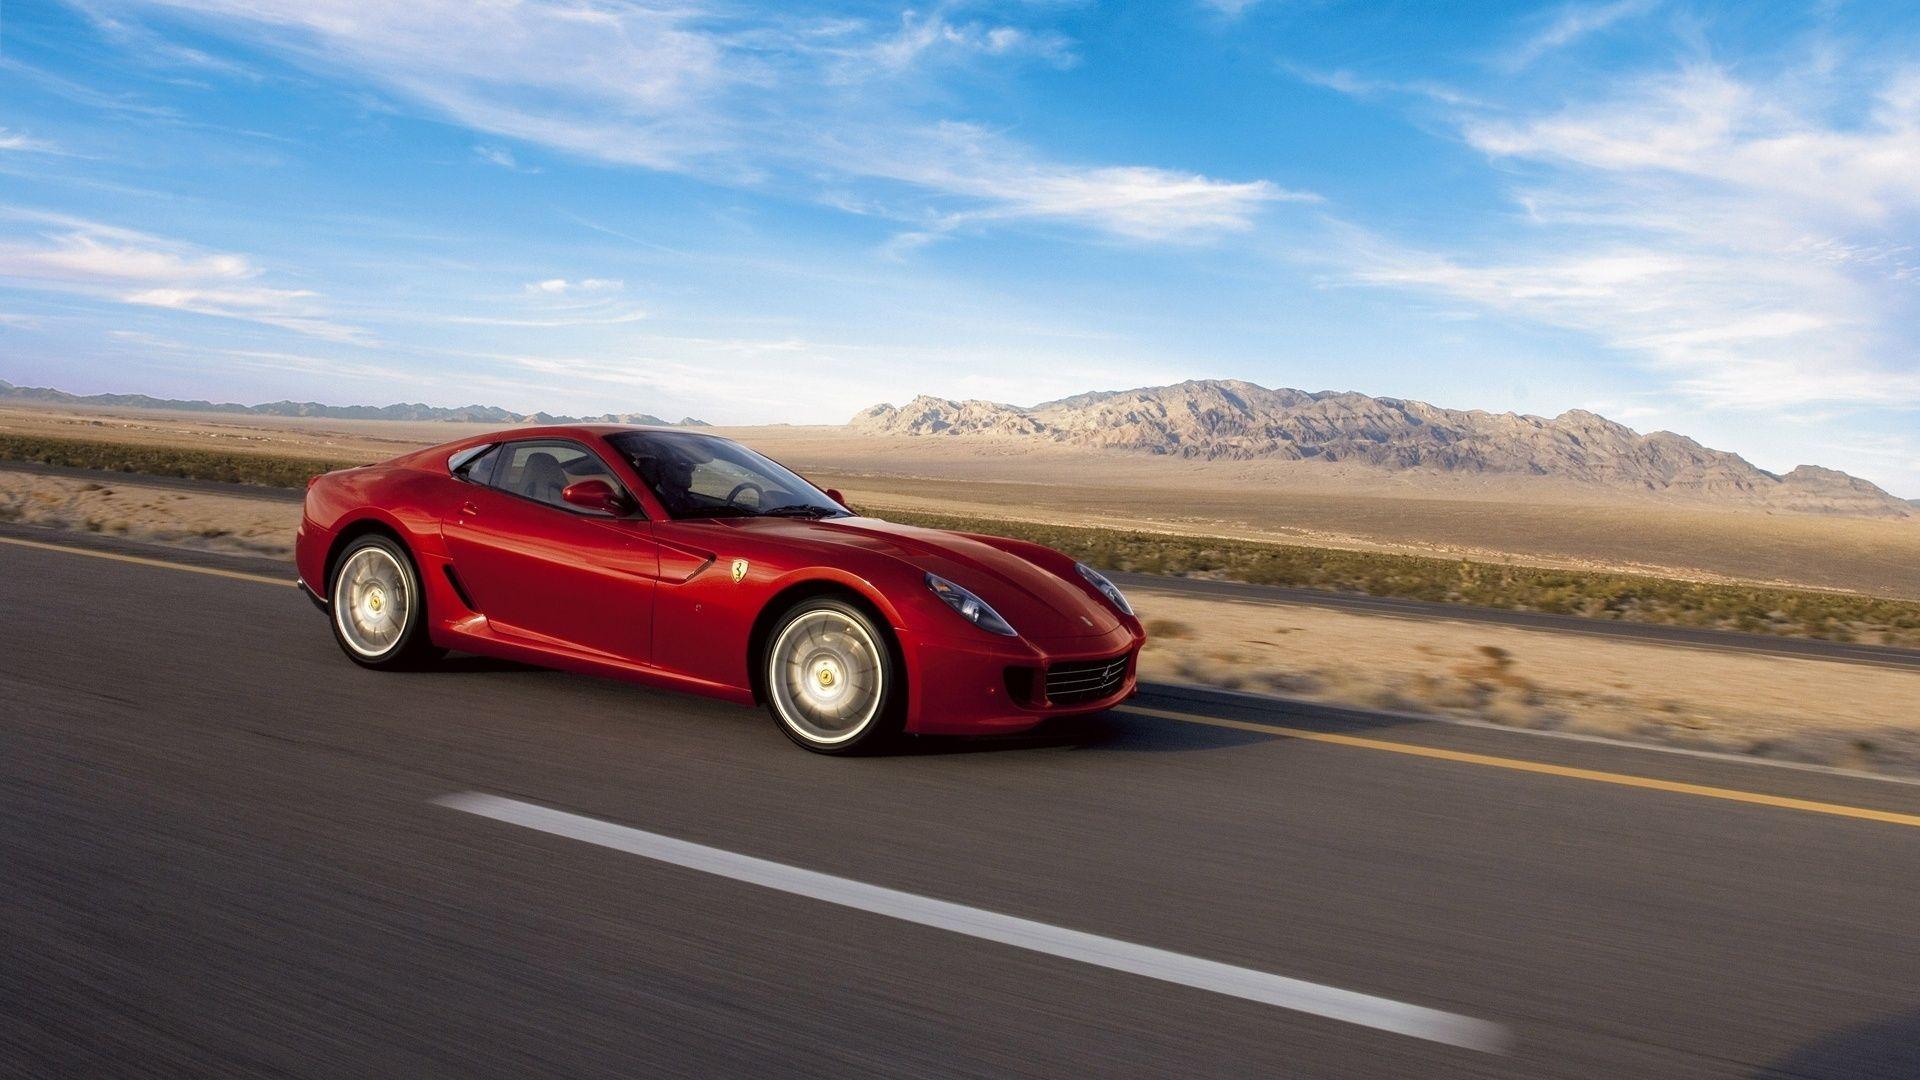 Ferrari 599 красная асфальт смотреть